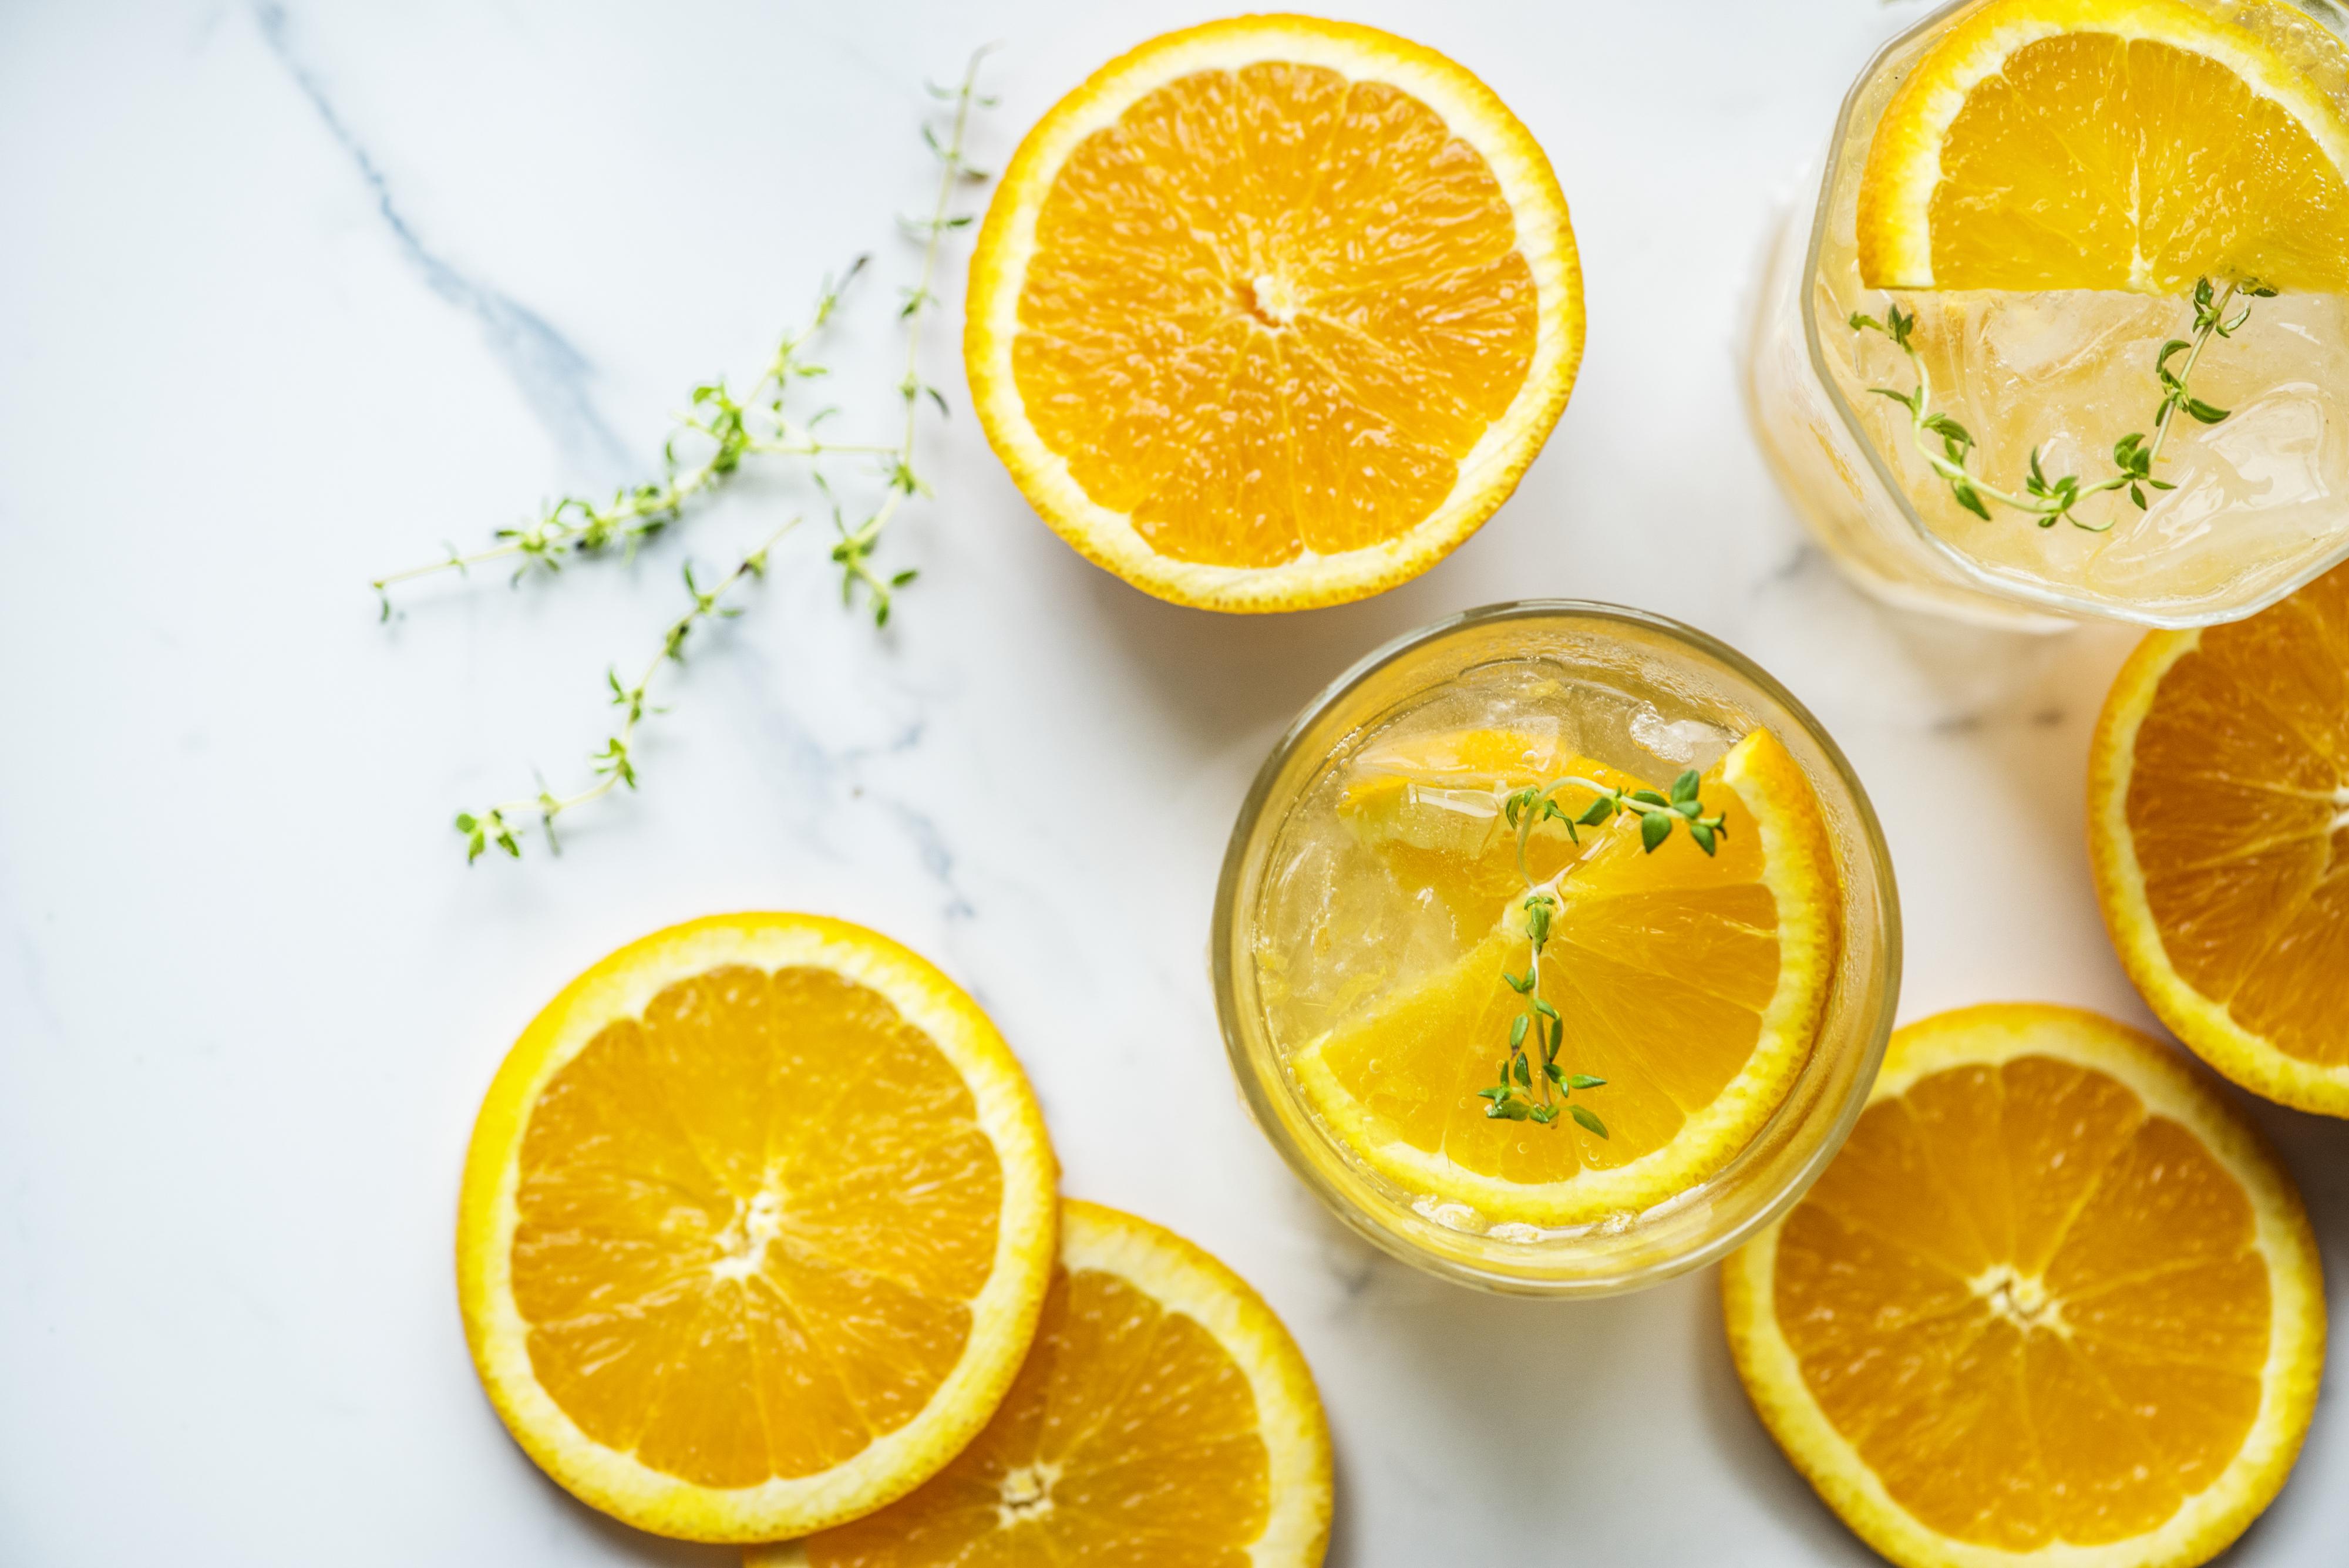 Kostenlose foto : Antioxidans, vorteilhaft, Getränk, Nahansicht ...